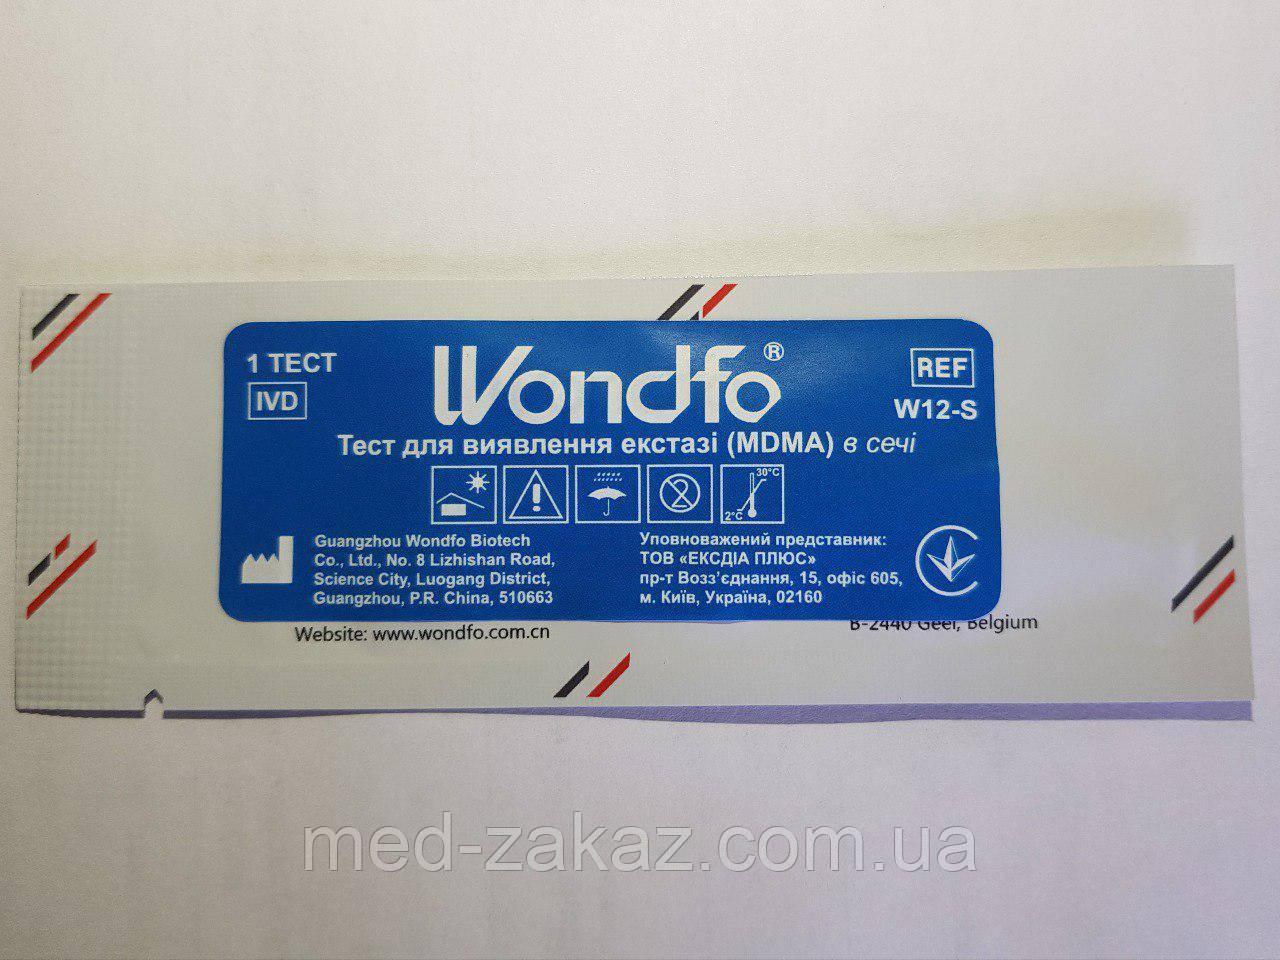 Тест на экстази (MDMA) W12-S, WONDFO